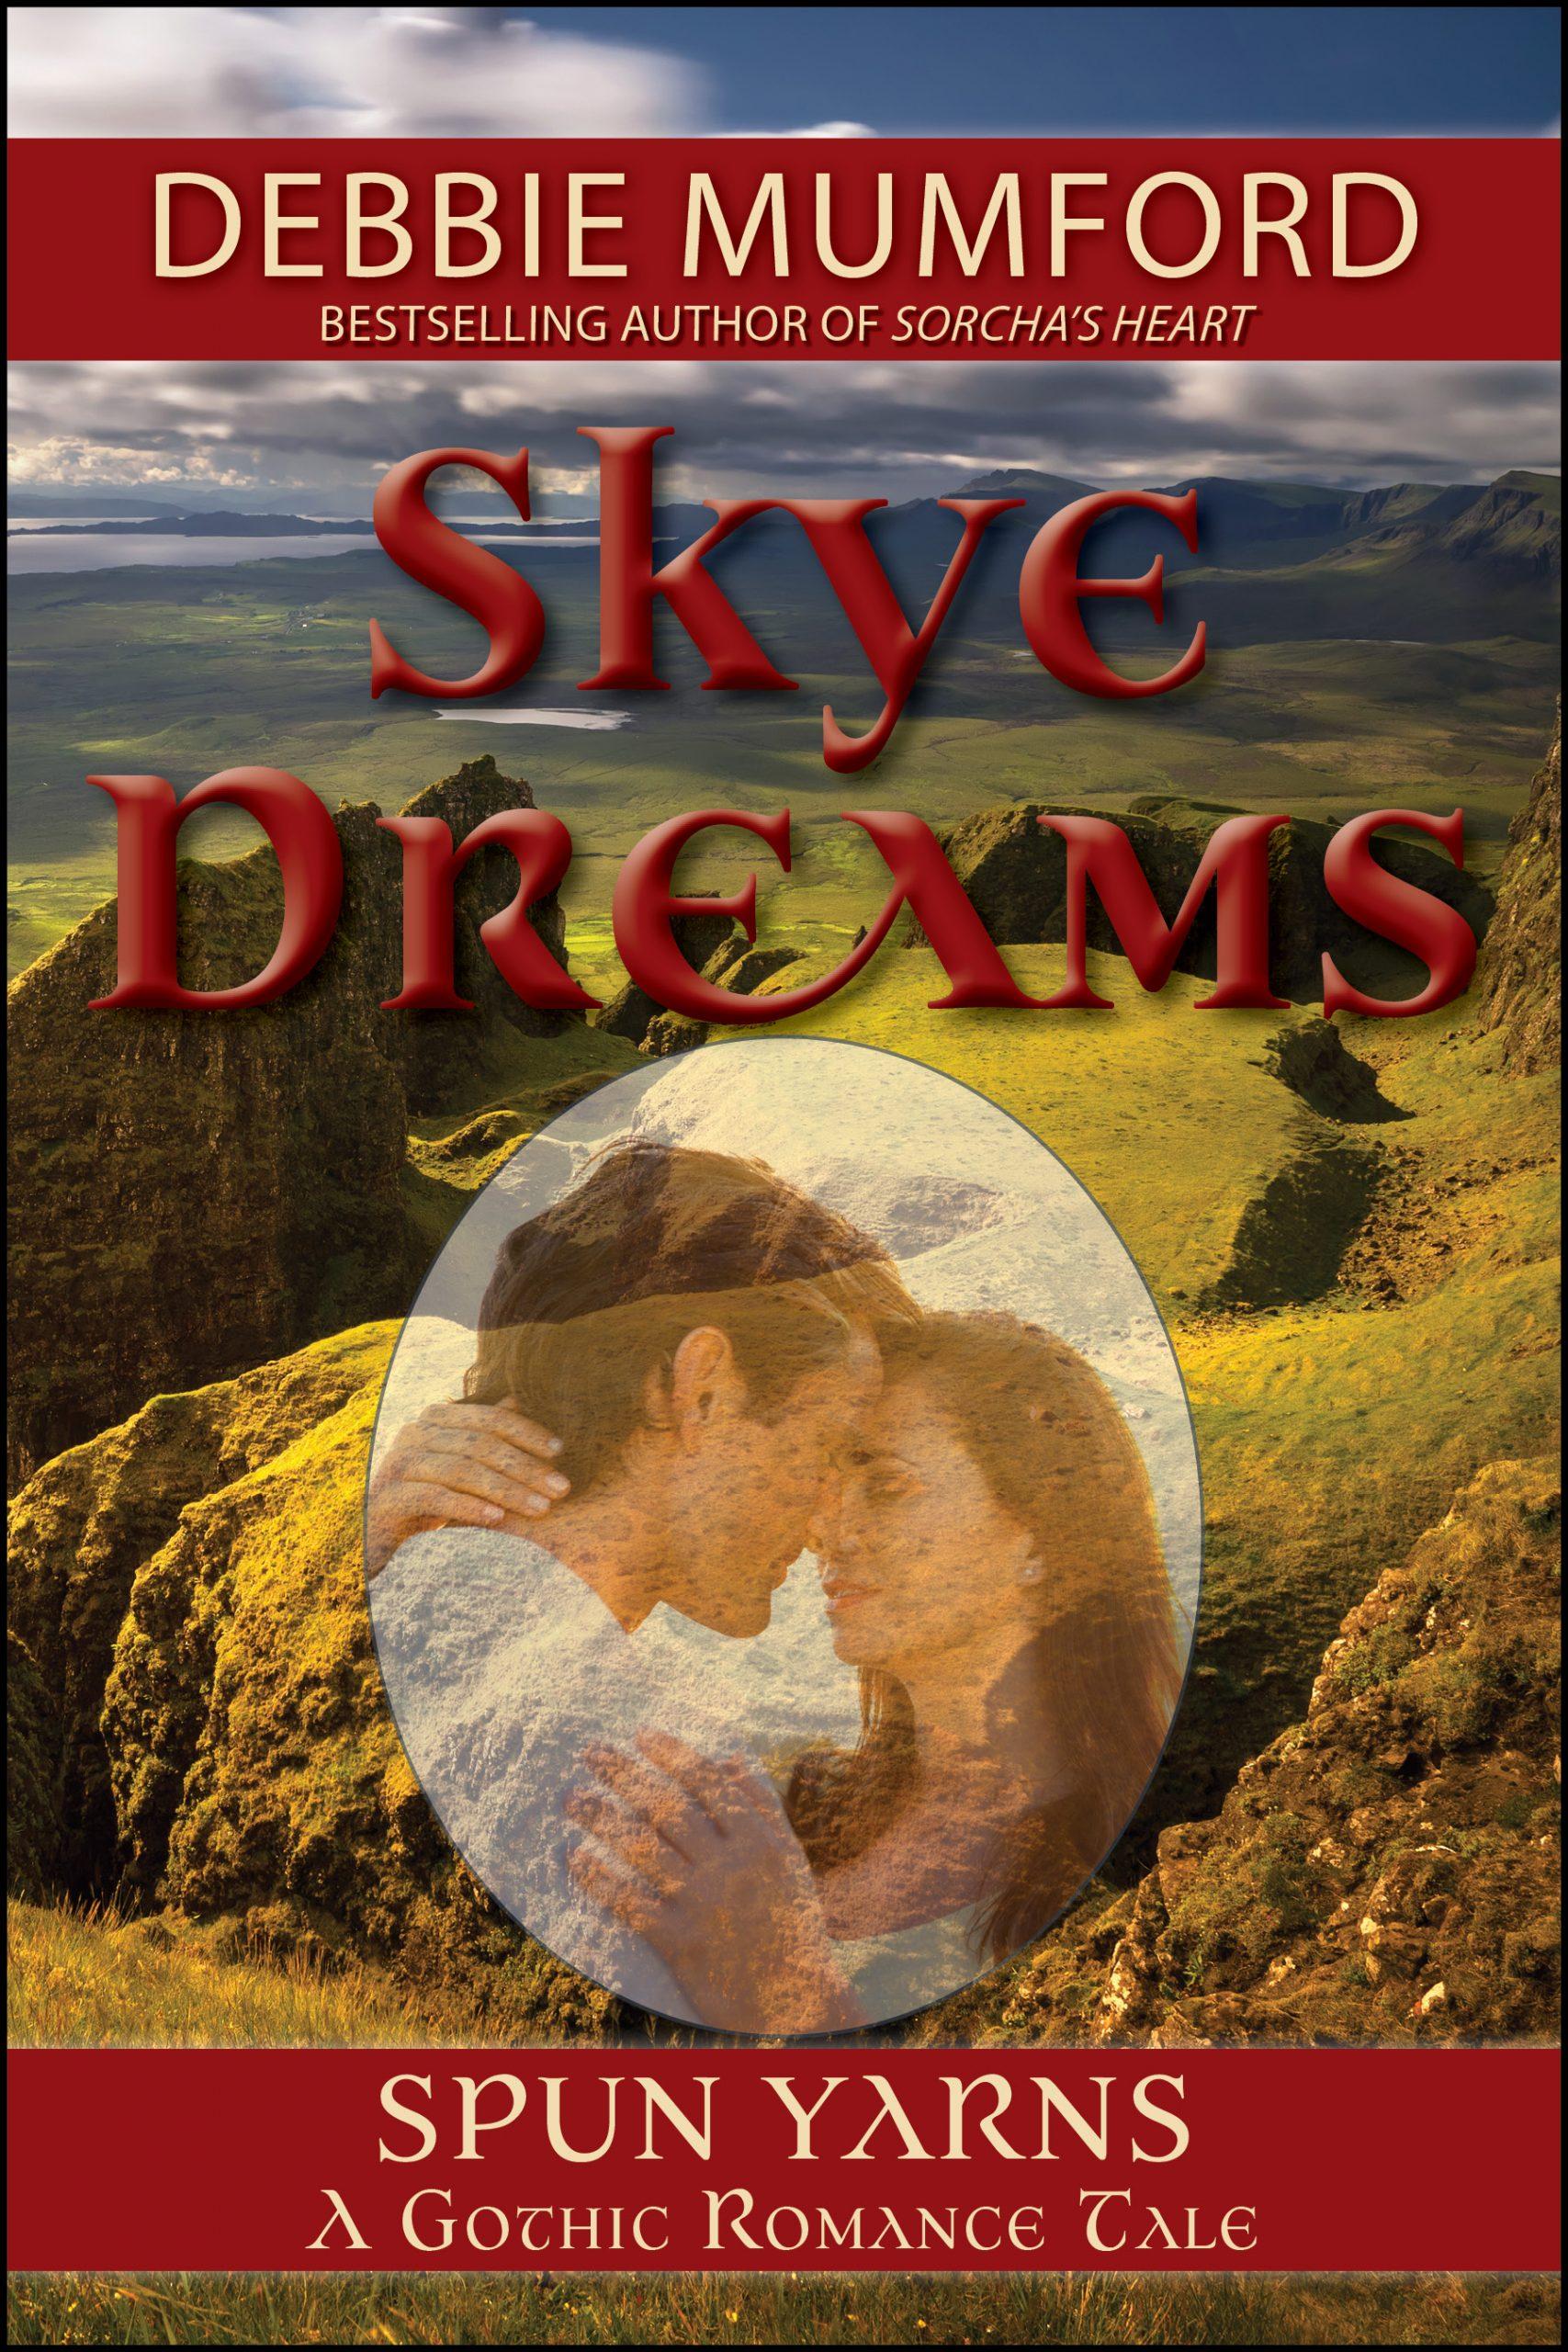 Skye Dreams